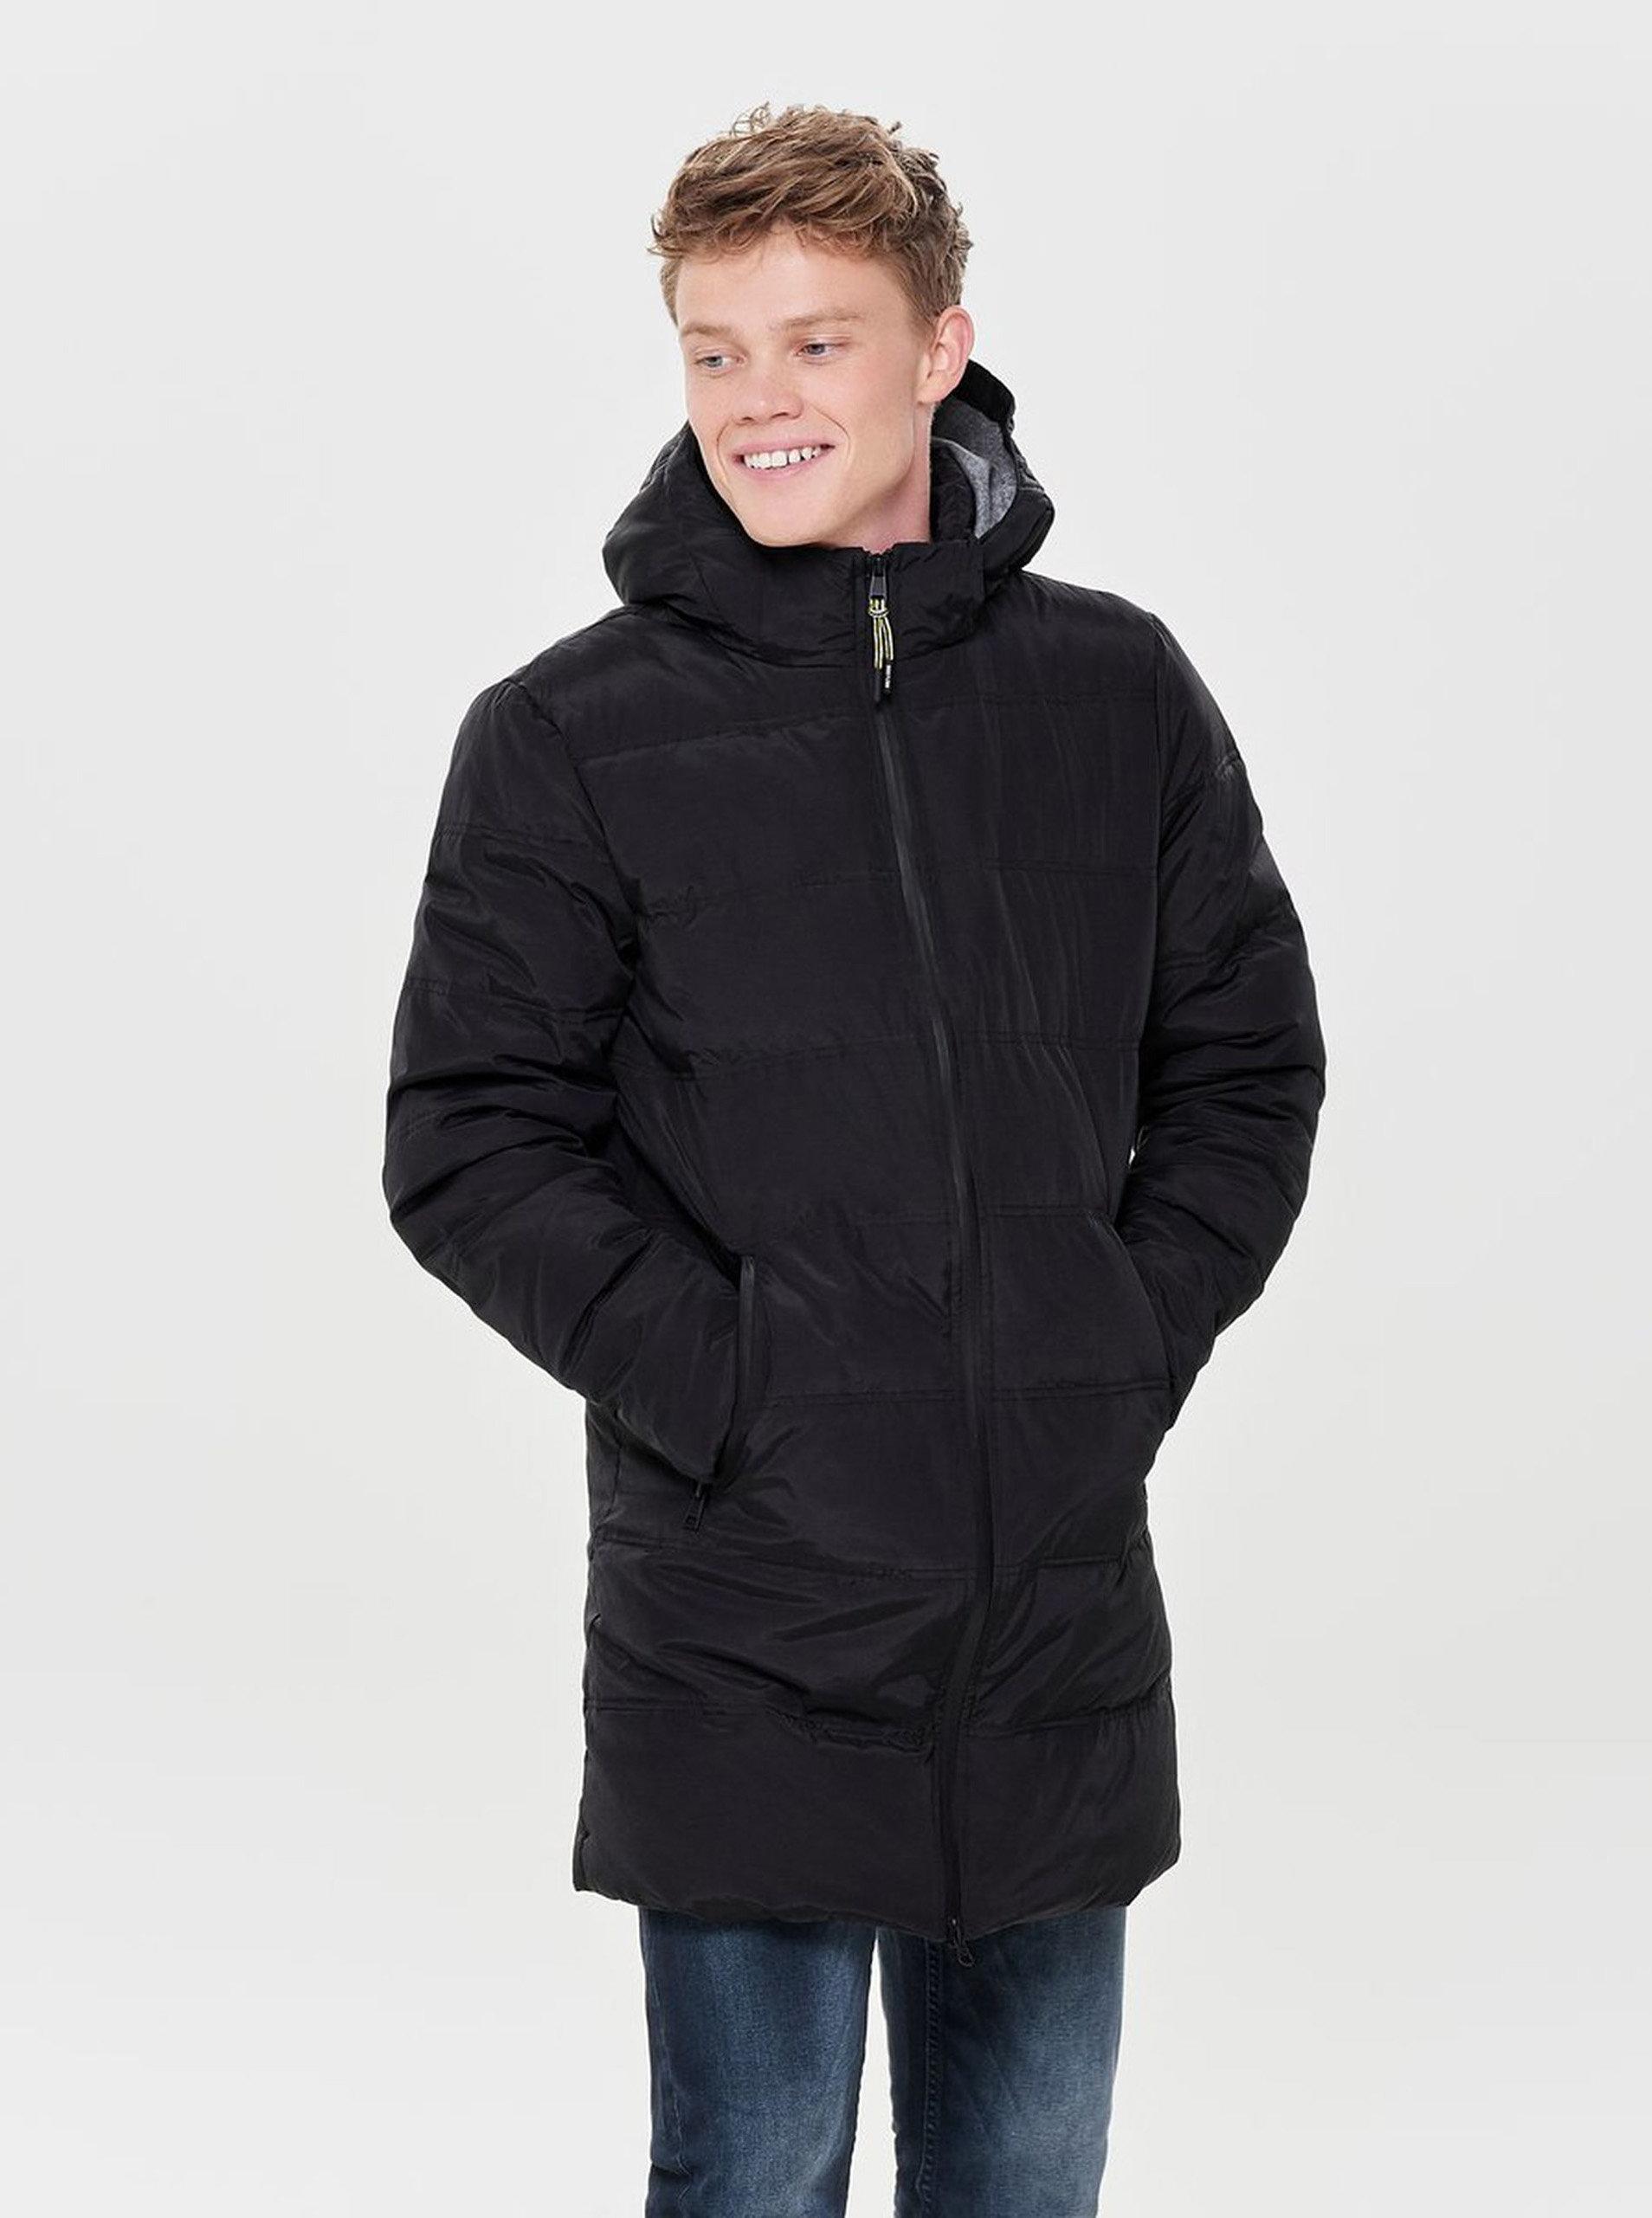 Čierna zimná dlhá prešívaná bunda ONLY   SONS Steen ... 3b1768d7def